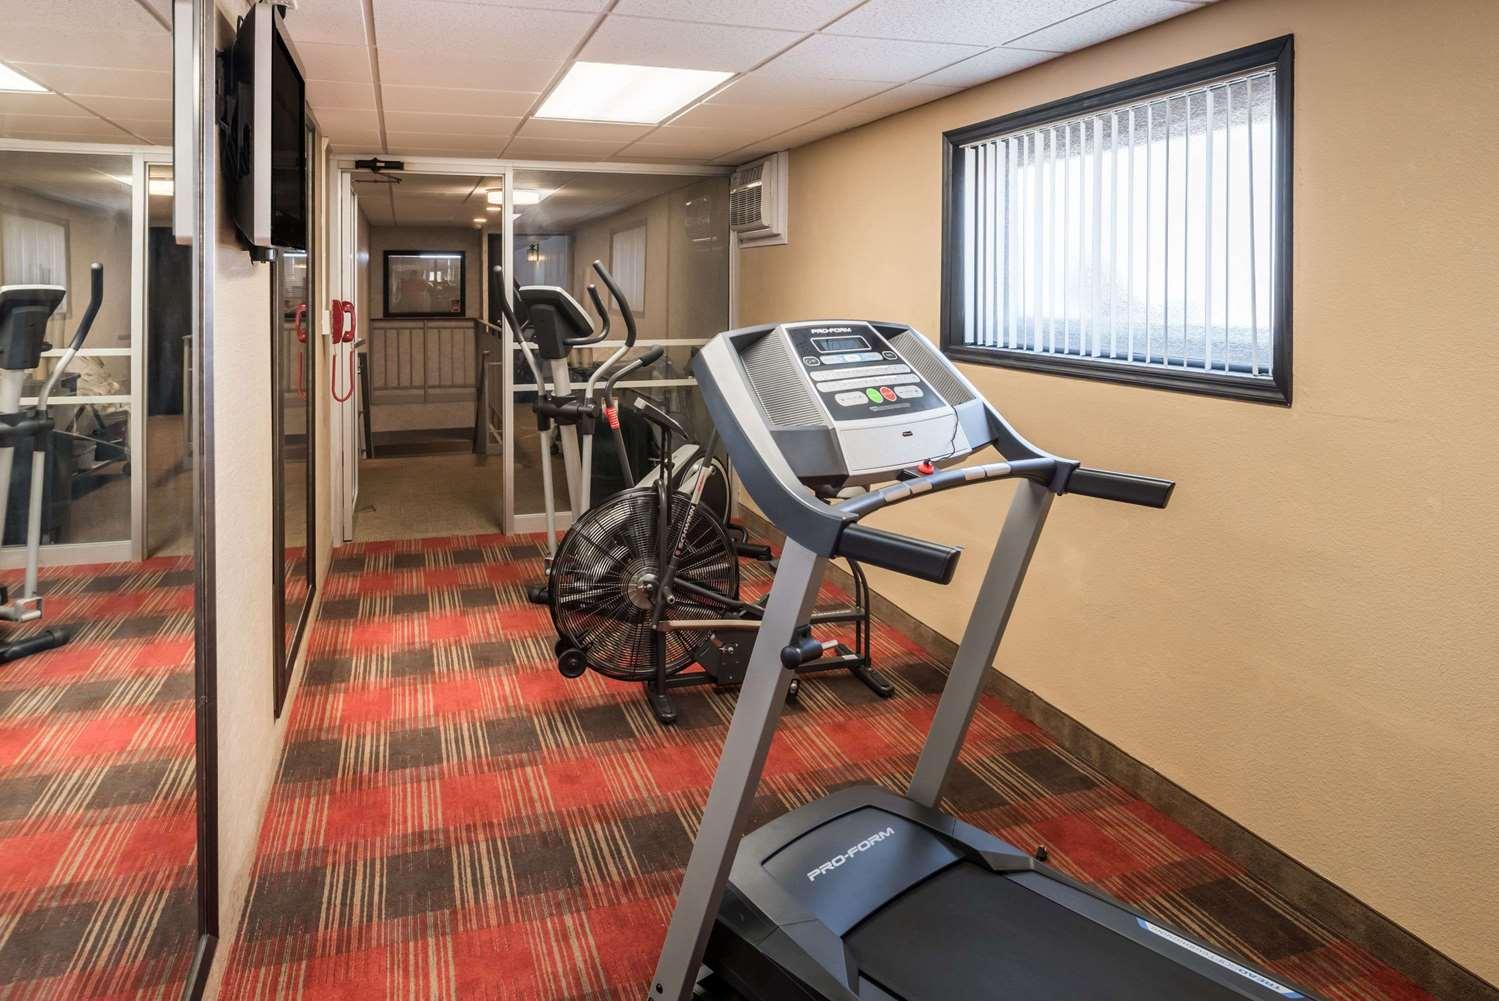 Fitness/ Exercise Room - Ramada Inn Grand Forks